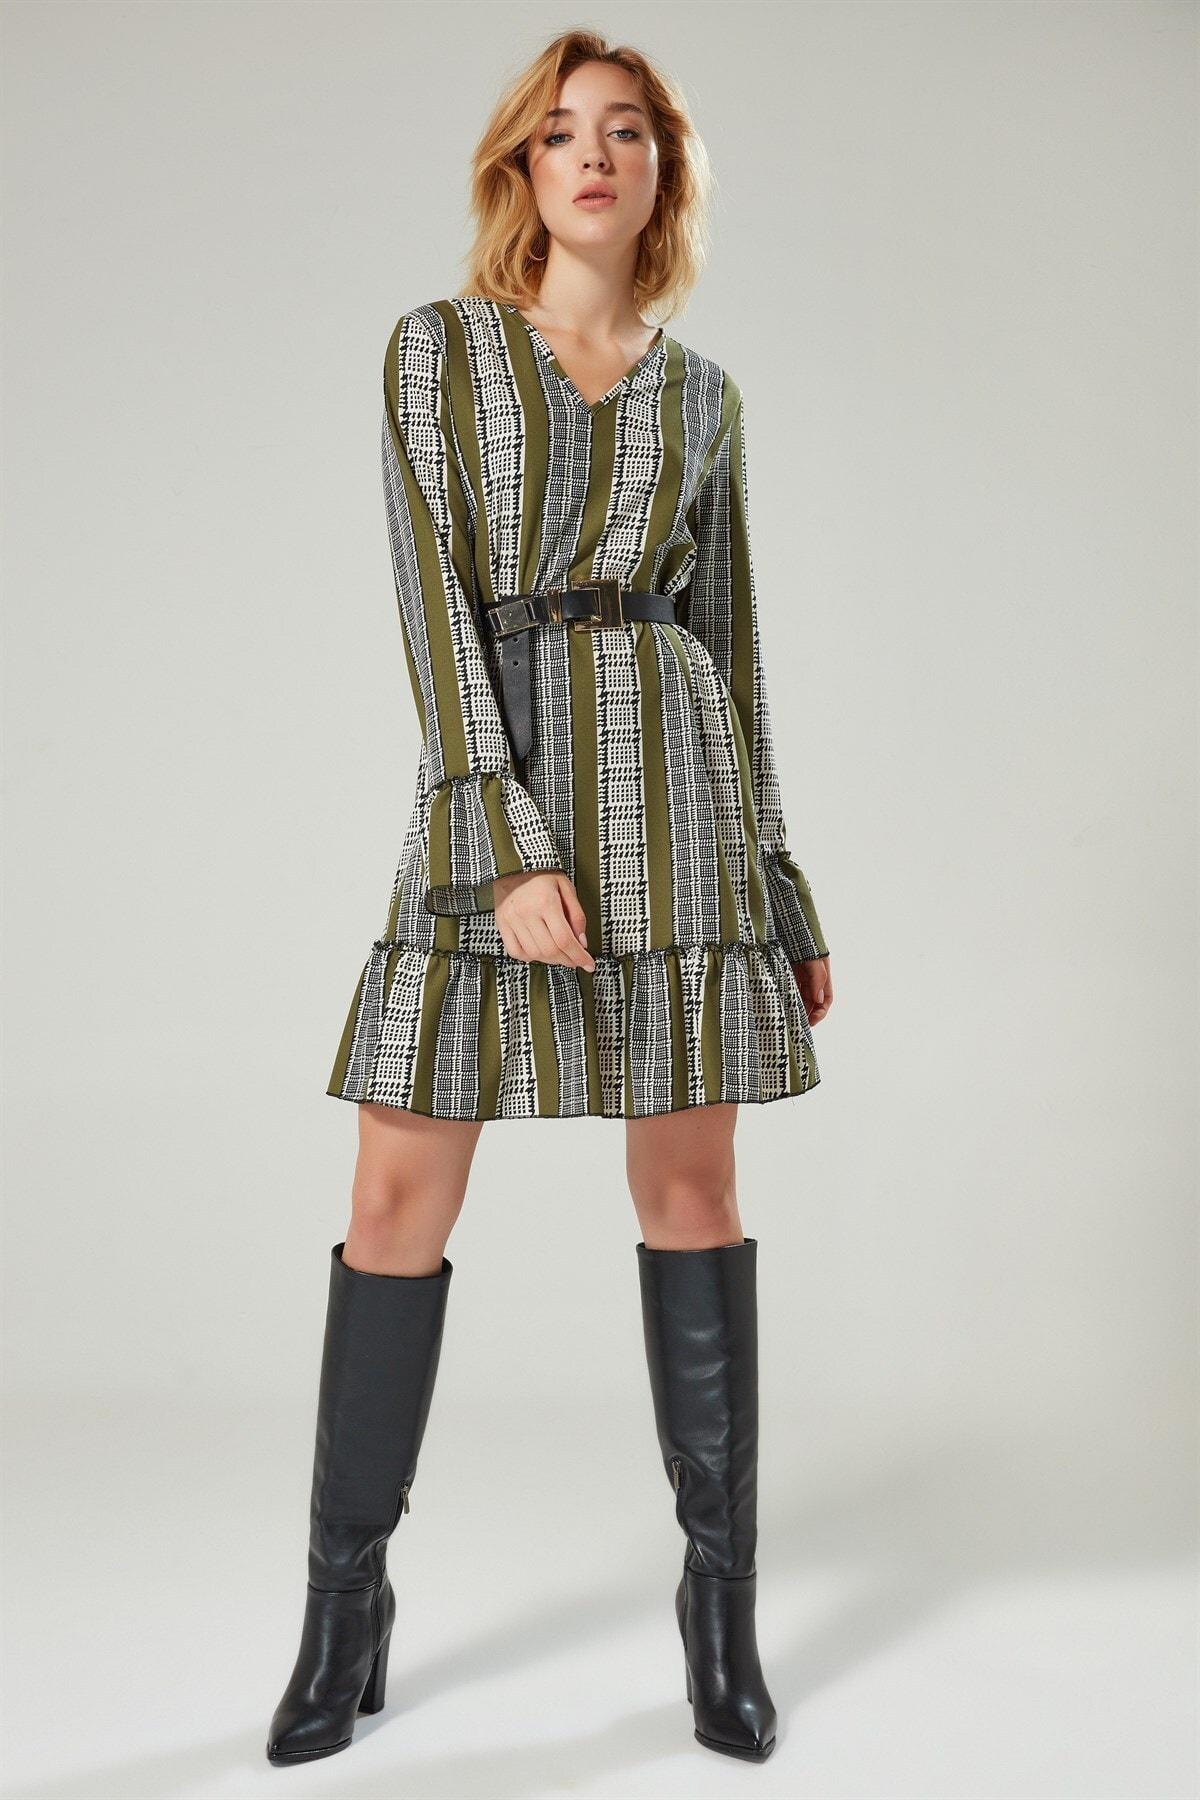 Boutiquen Kadın Açık Yeşil V Yaka Desenli Elbise 2150